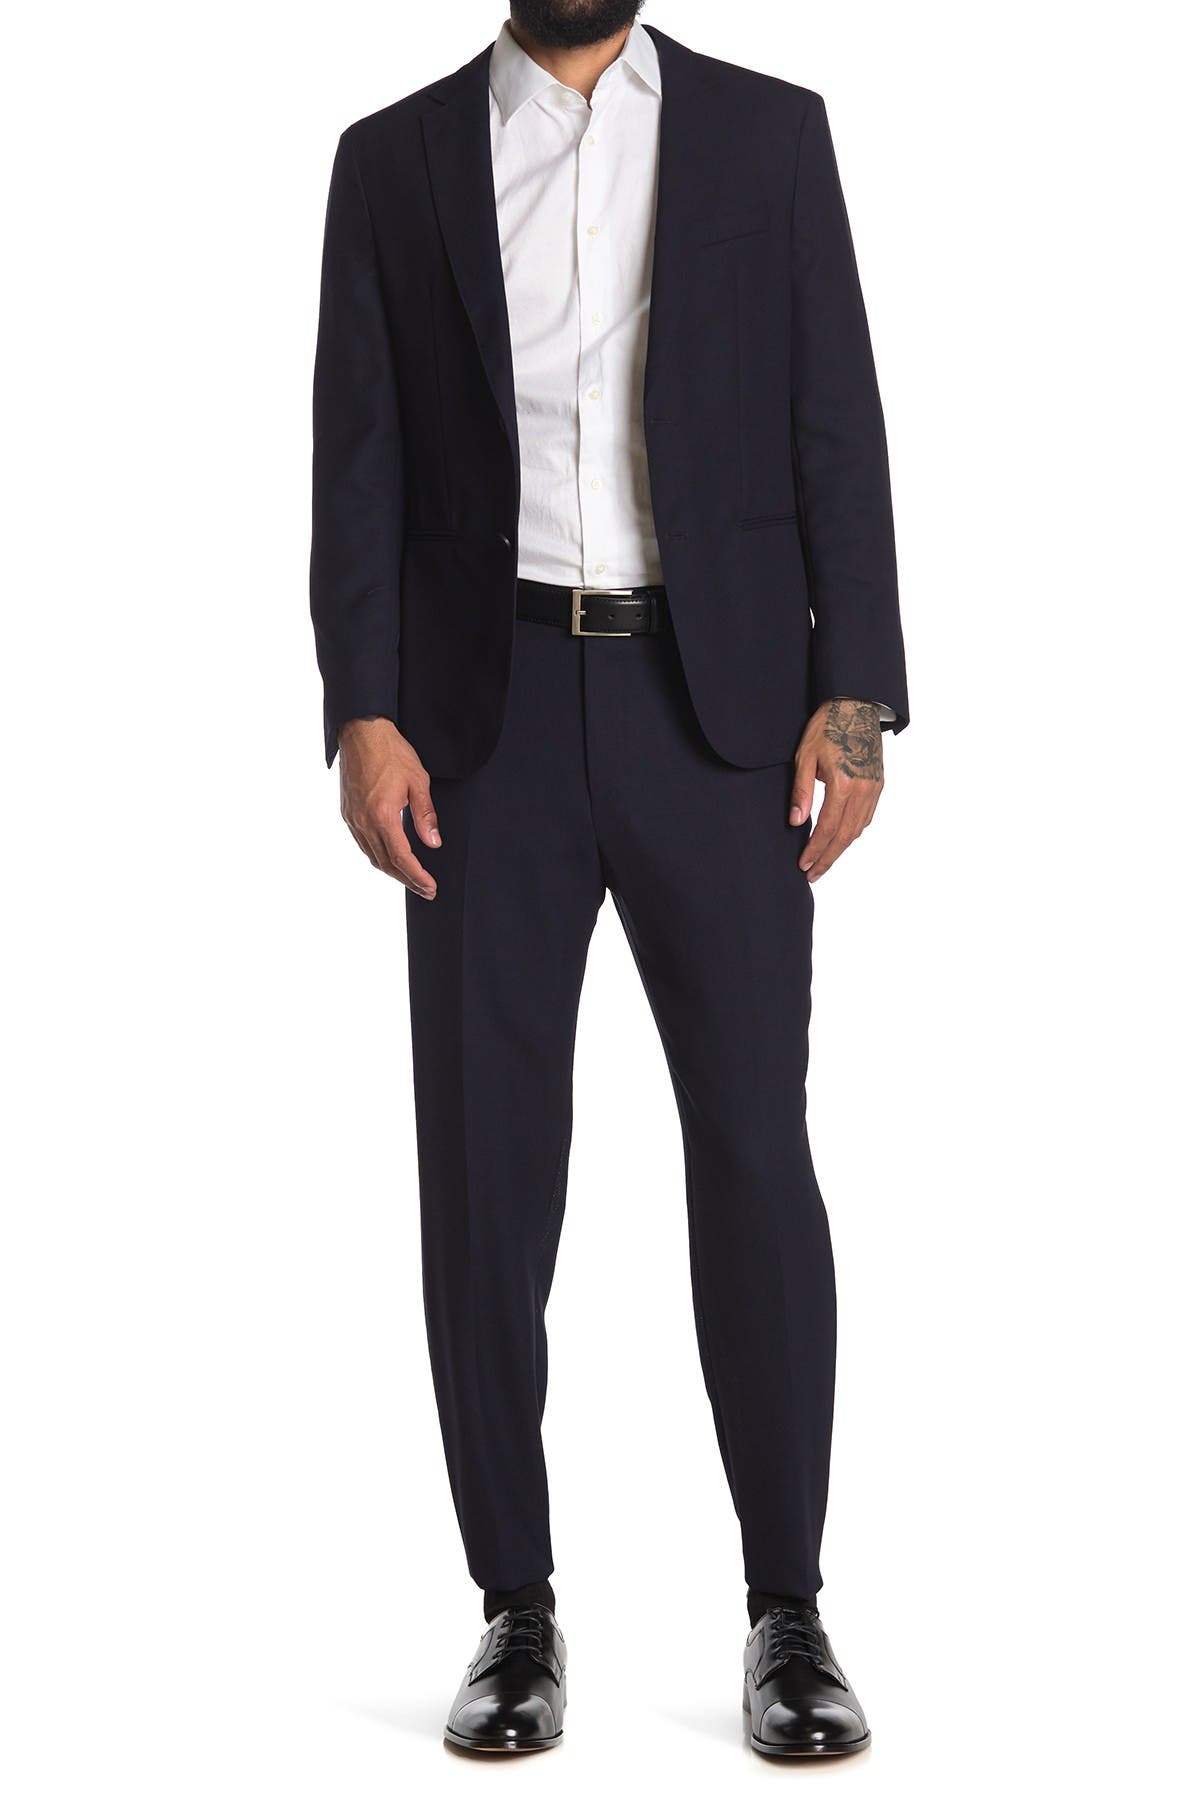 Image of BOSS Nolin Pirko Dark Blue Solid Two Button Notch Lapel Suit